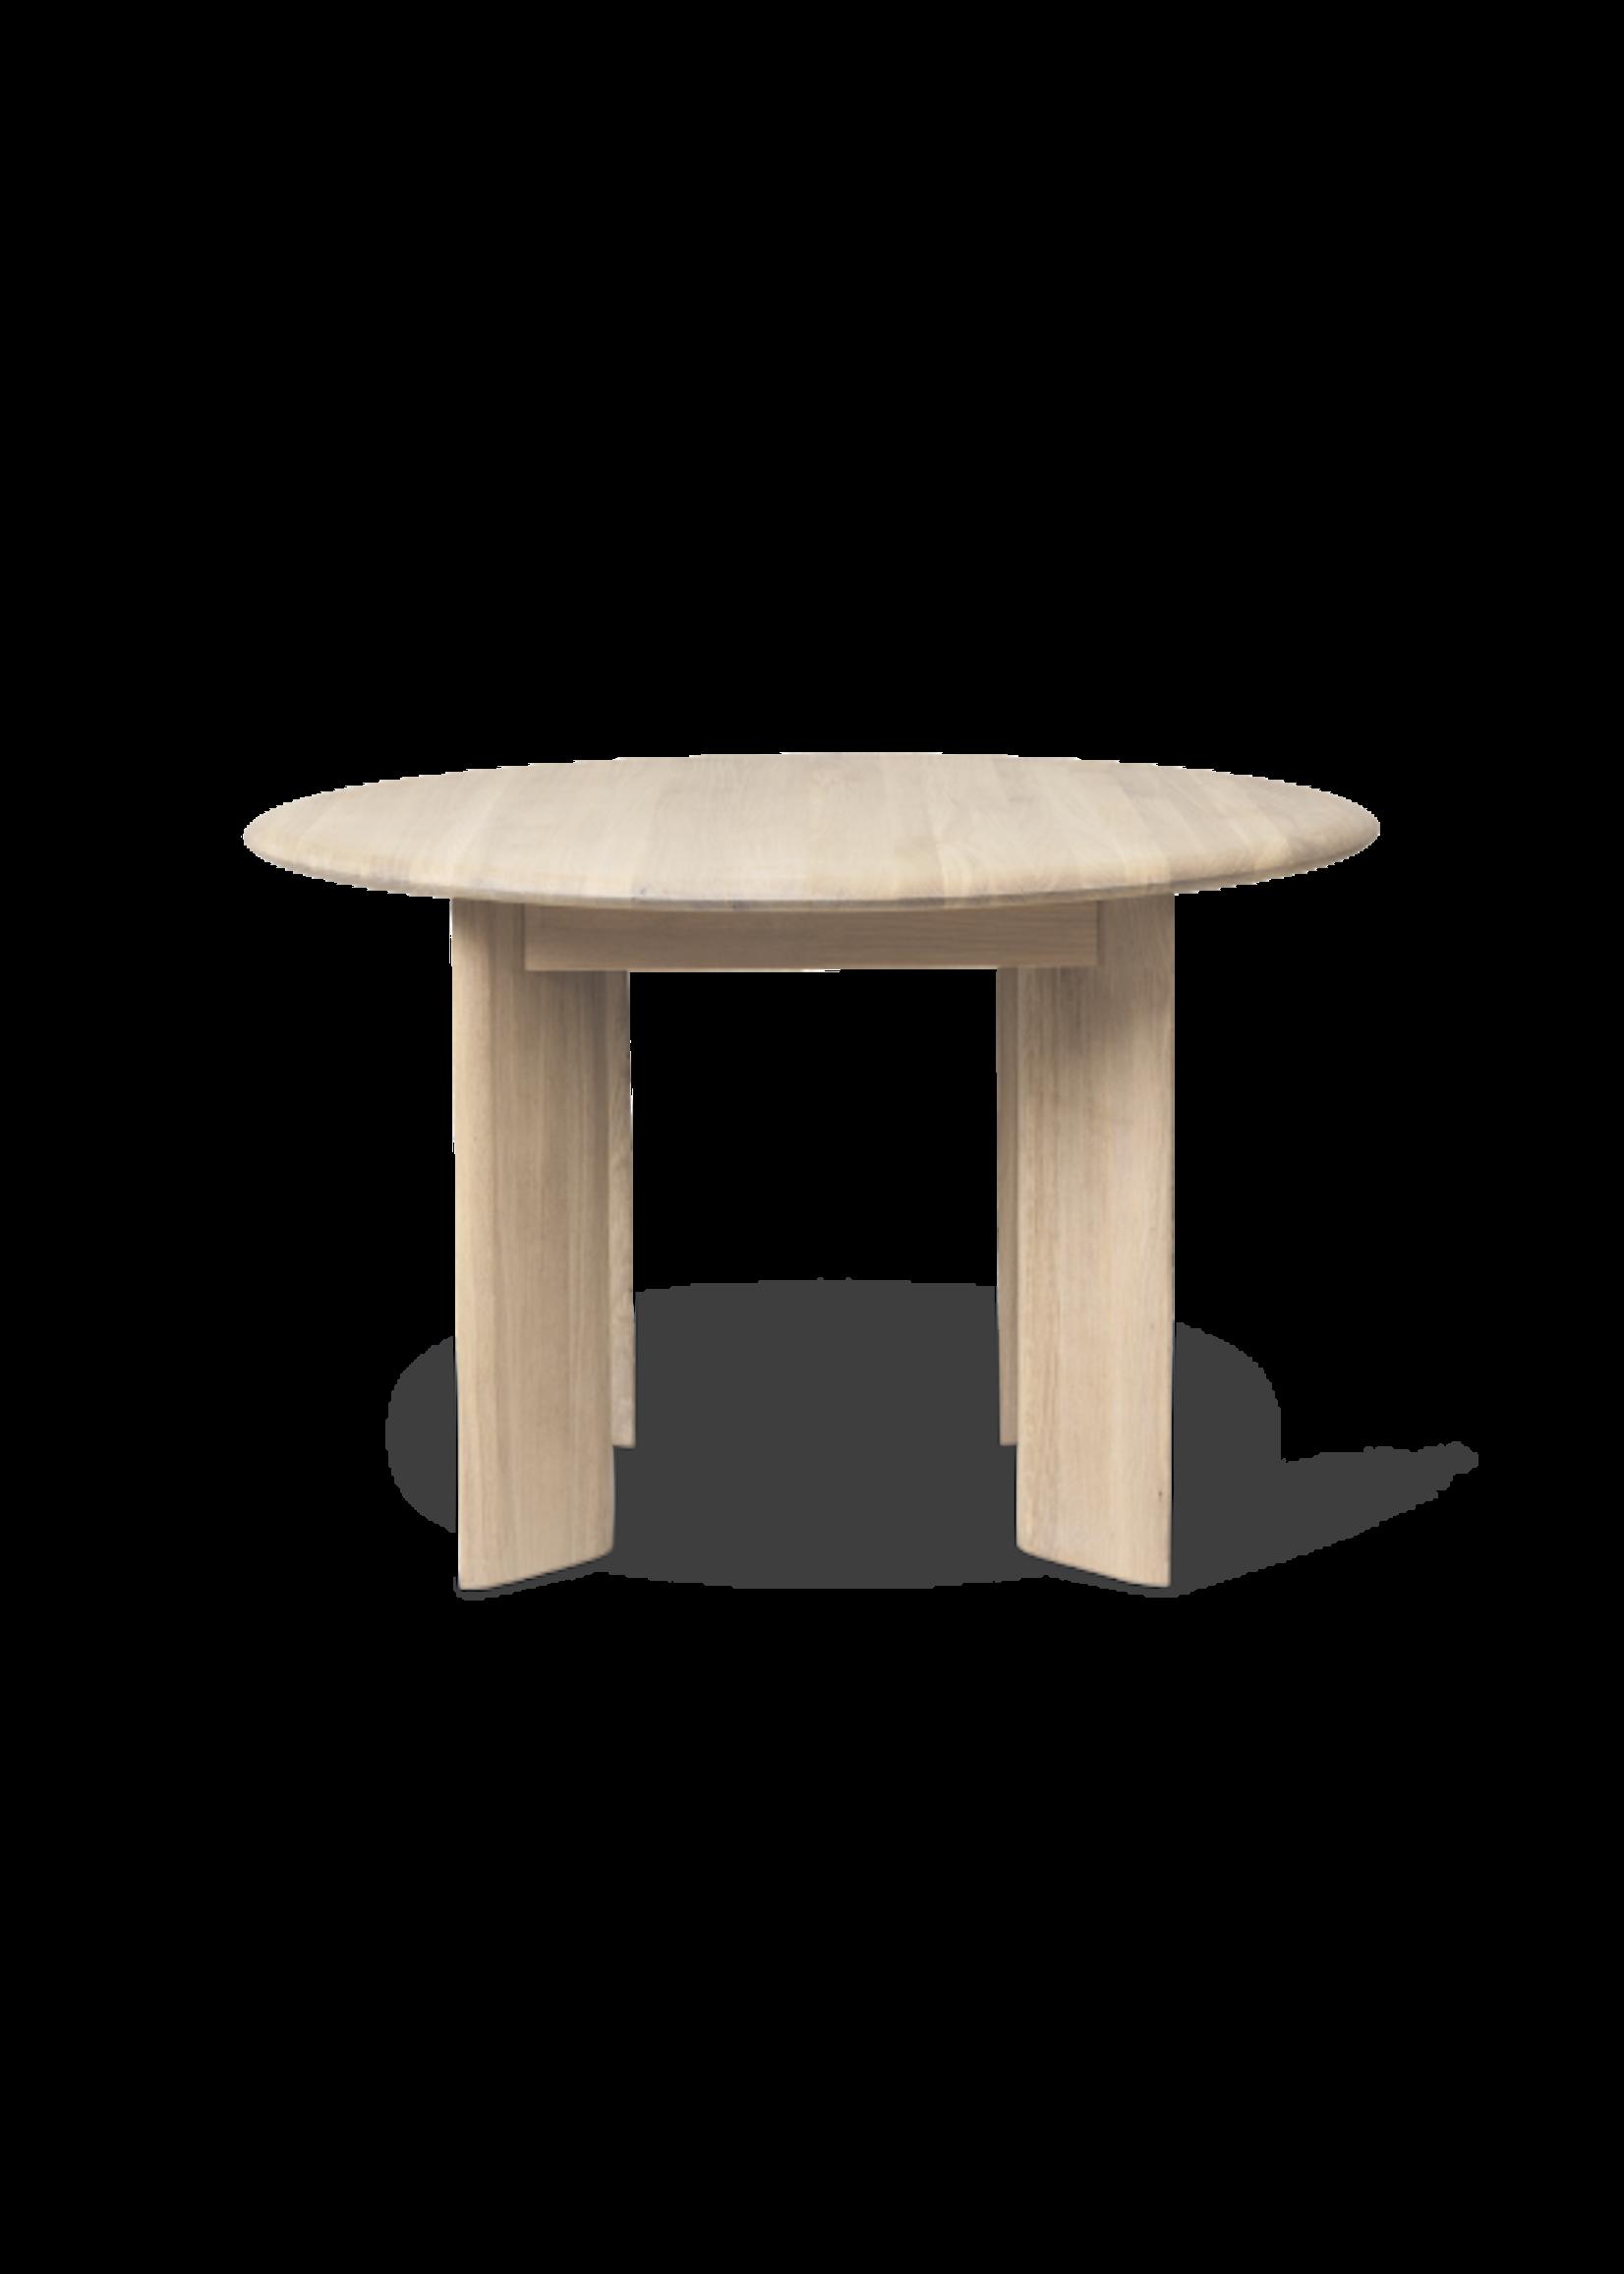 ferm LIVING ferm LIVING Bevel Table - Extendable x 1 - White Oiled Oak